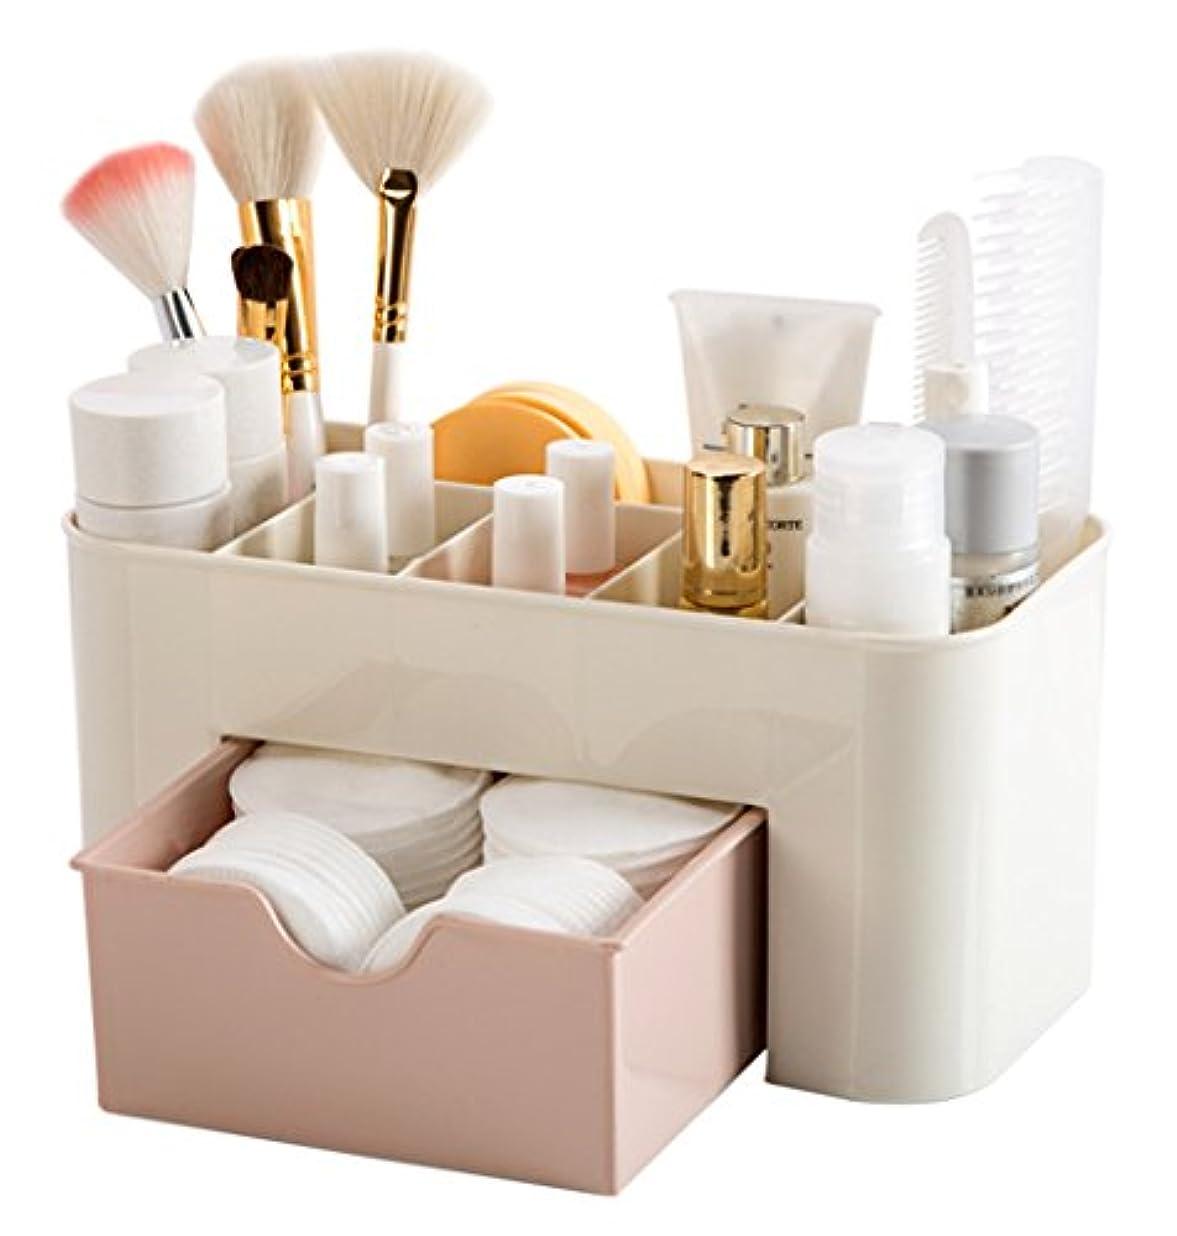 提出する紛争アルミニウムZUOMA メークボックス 化粧品収納ボックス コスメスタンド 引き出し式 メークケース 小物/化粧品入れ コスメ収納 透明アクリル 大容量 (ピンク、22*10*10.3CM)